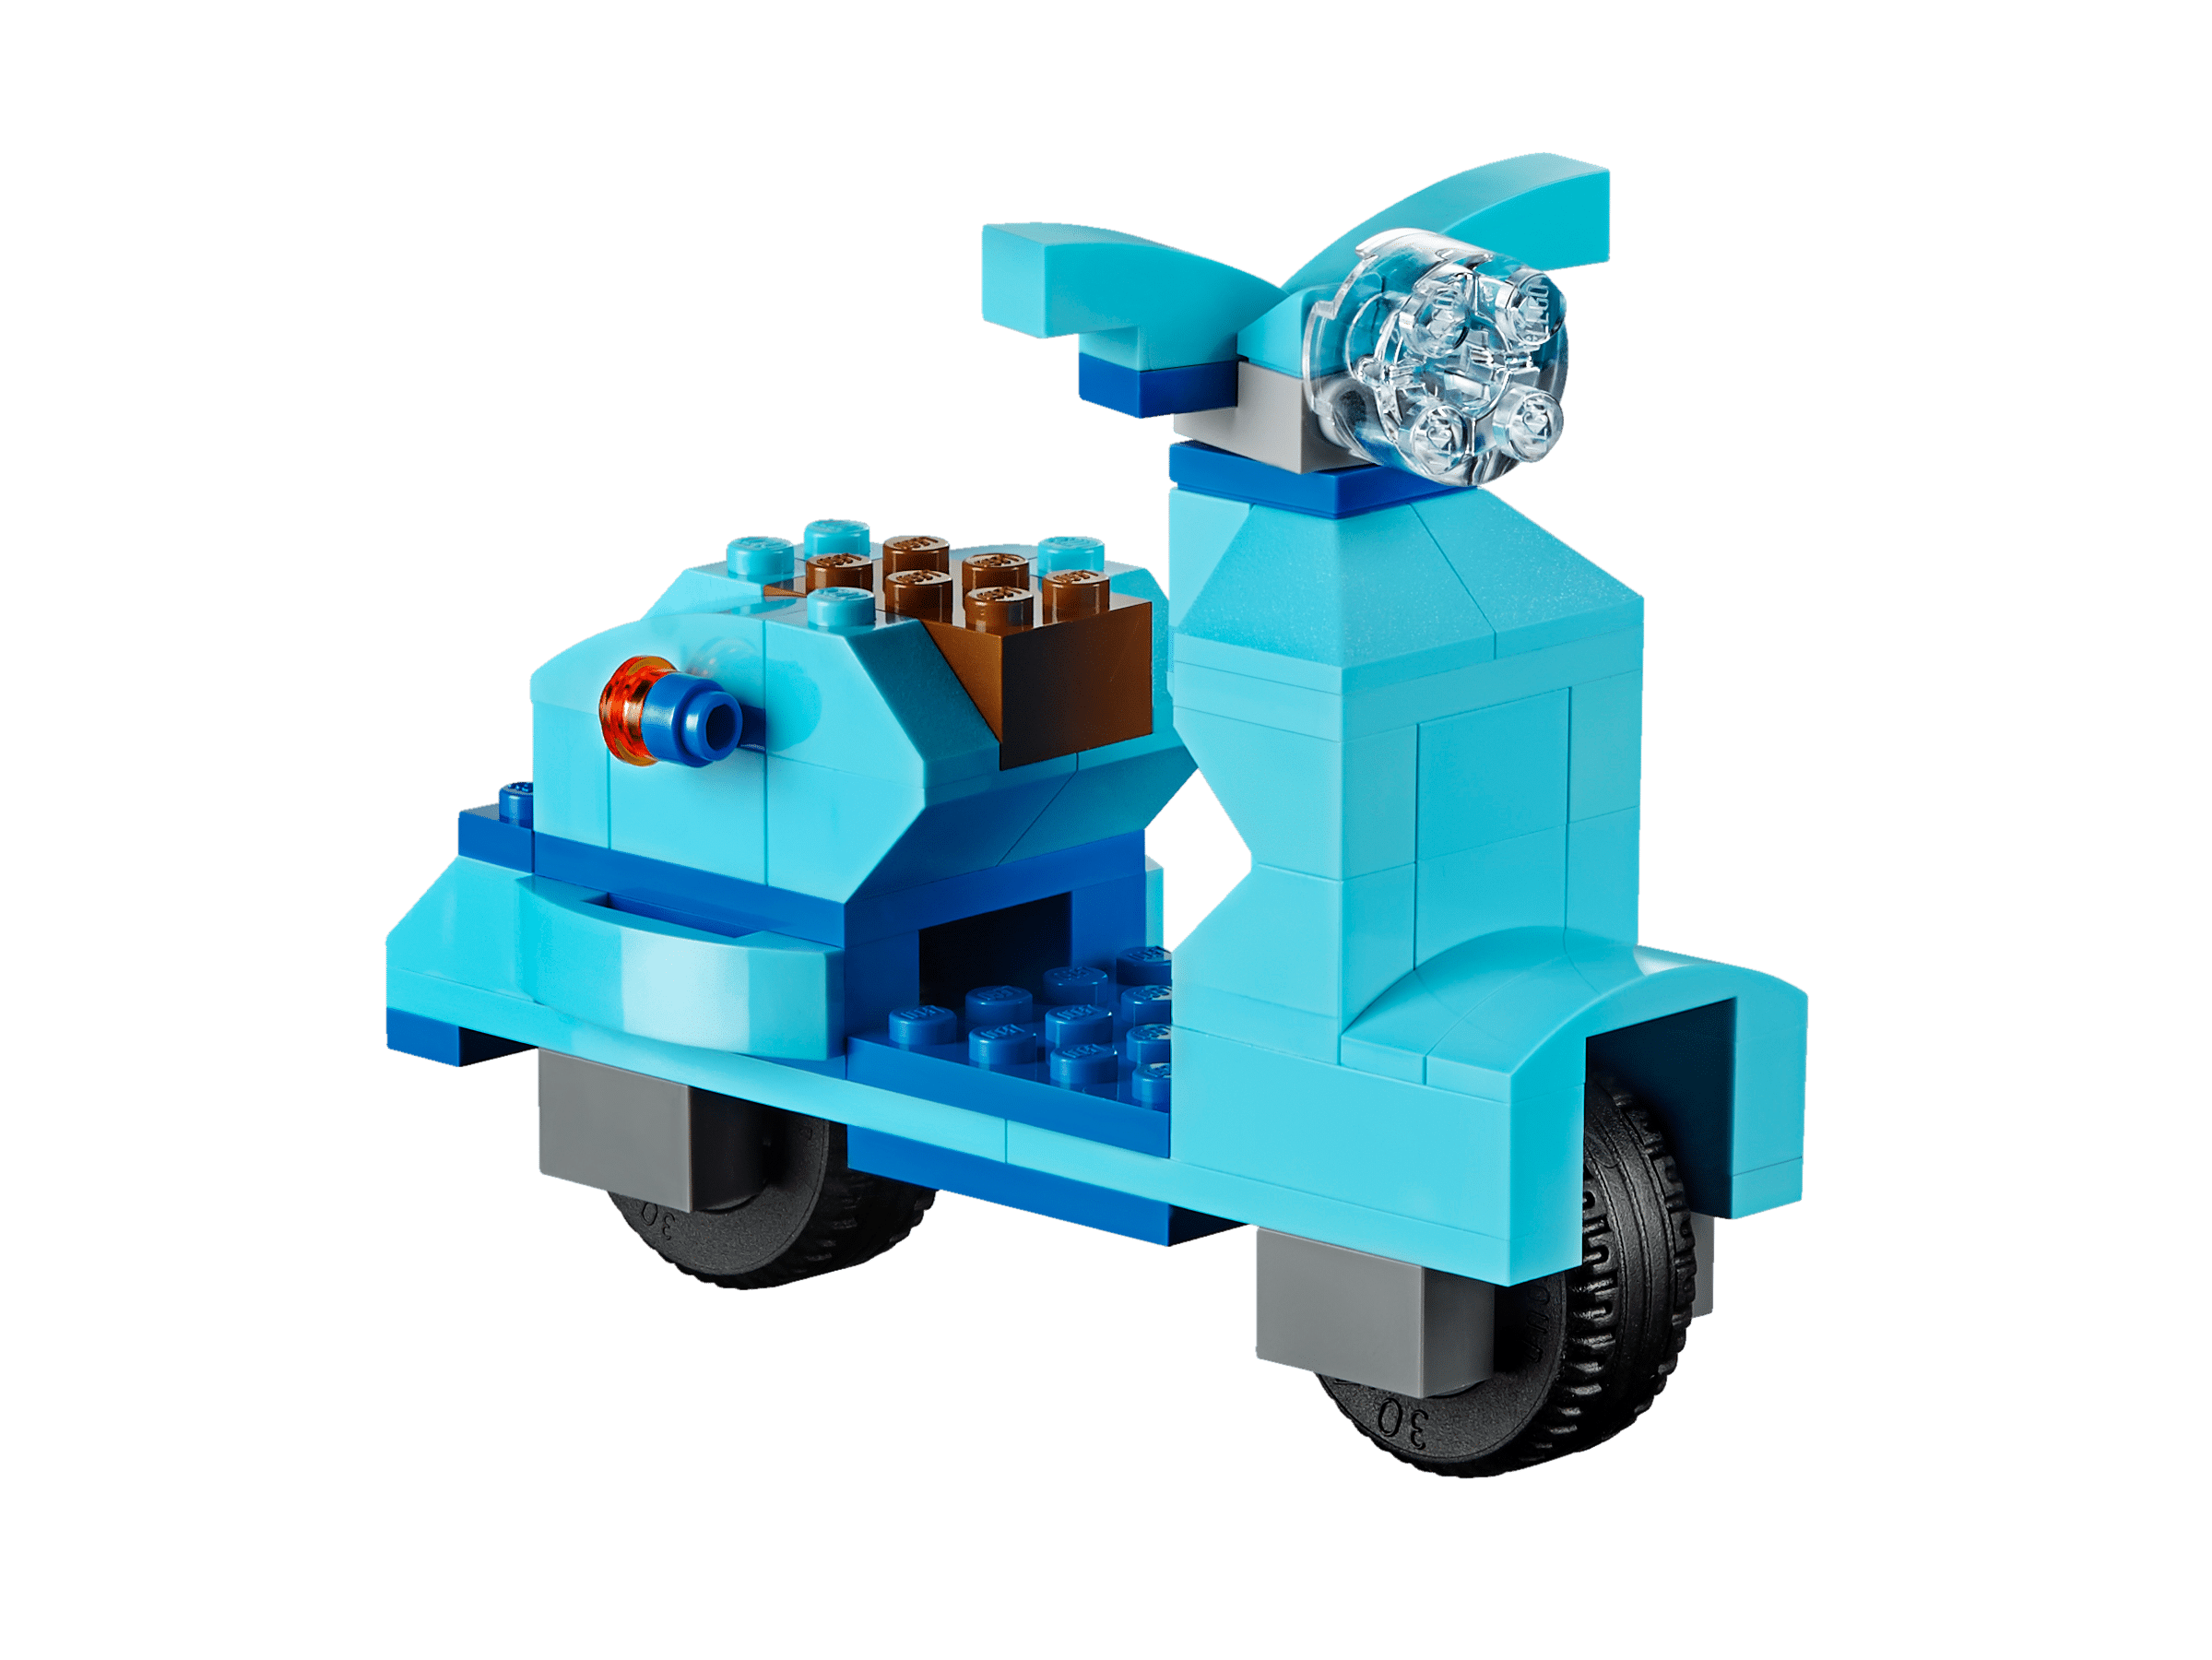 Lego classic 10698 bo te de briques de cr ation deluxe for Modele maison lego classic